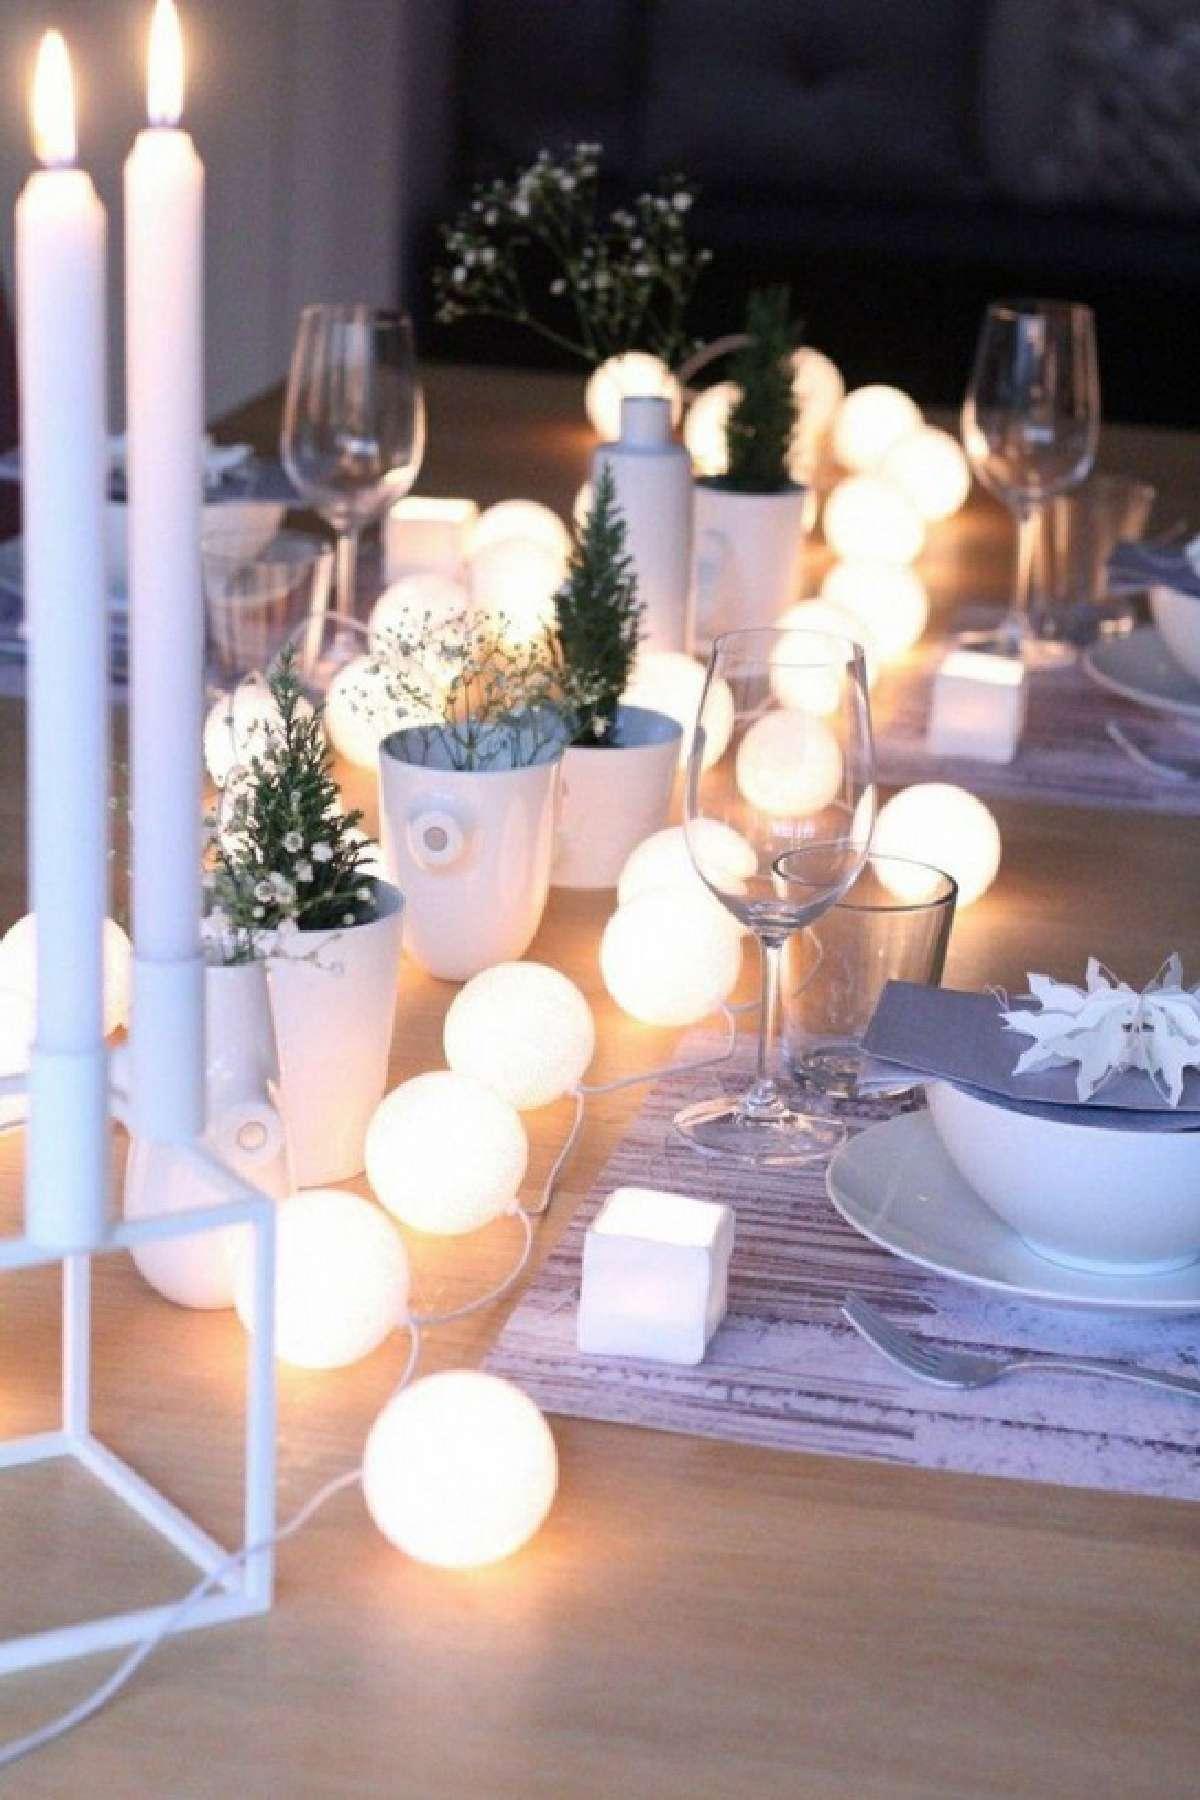 Creativas ideas para la decoración de la mesa navideña 14